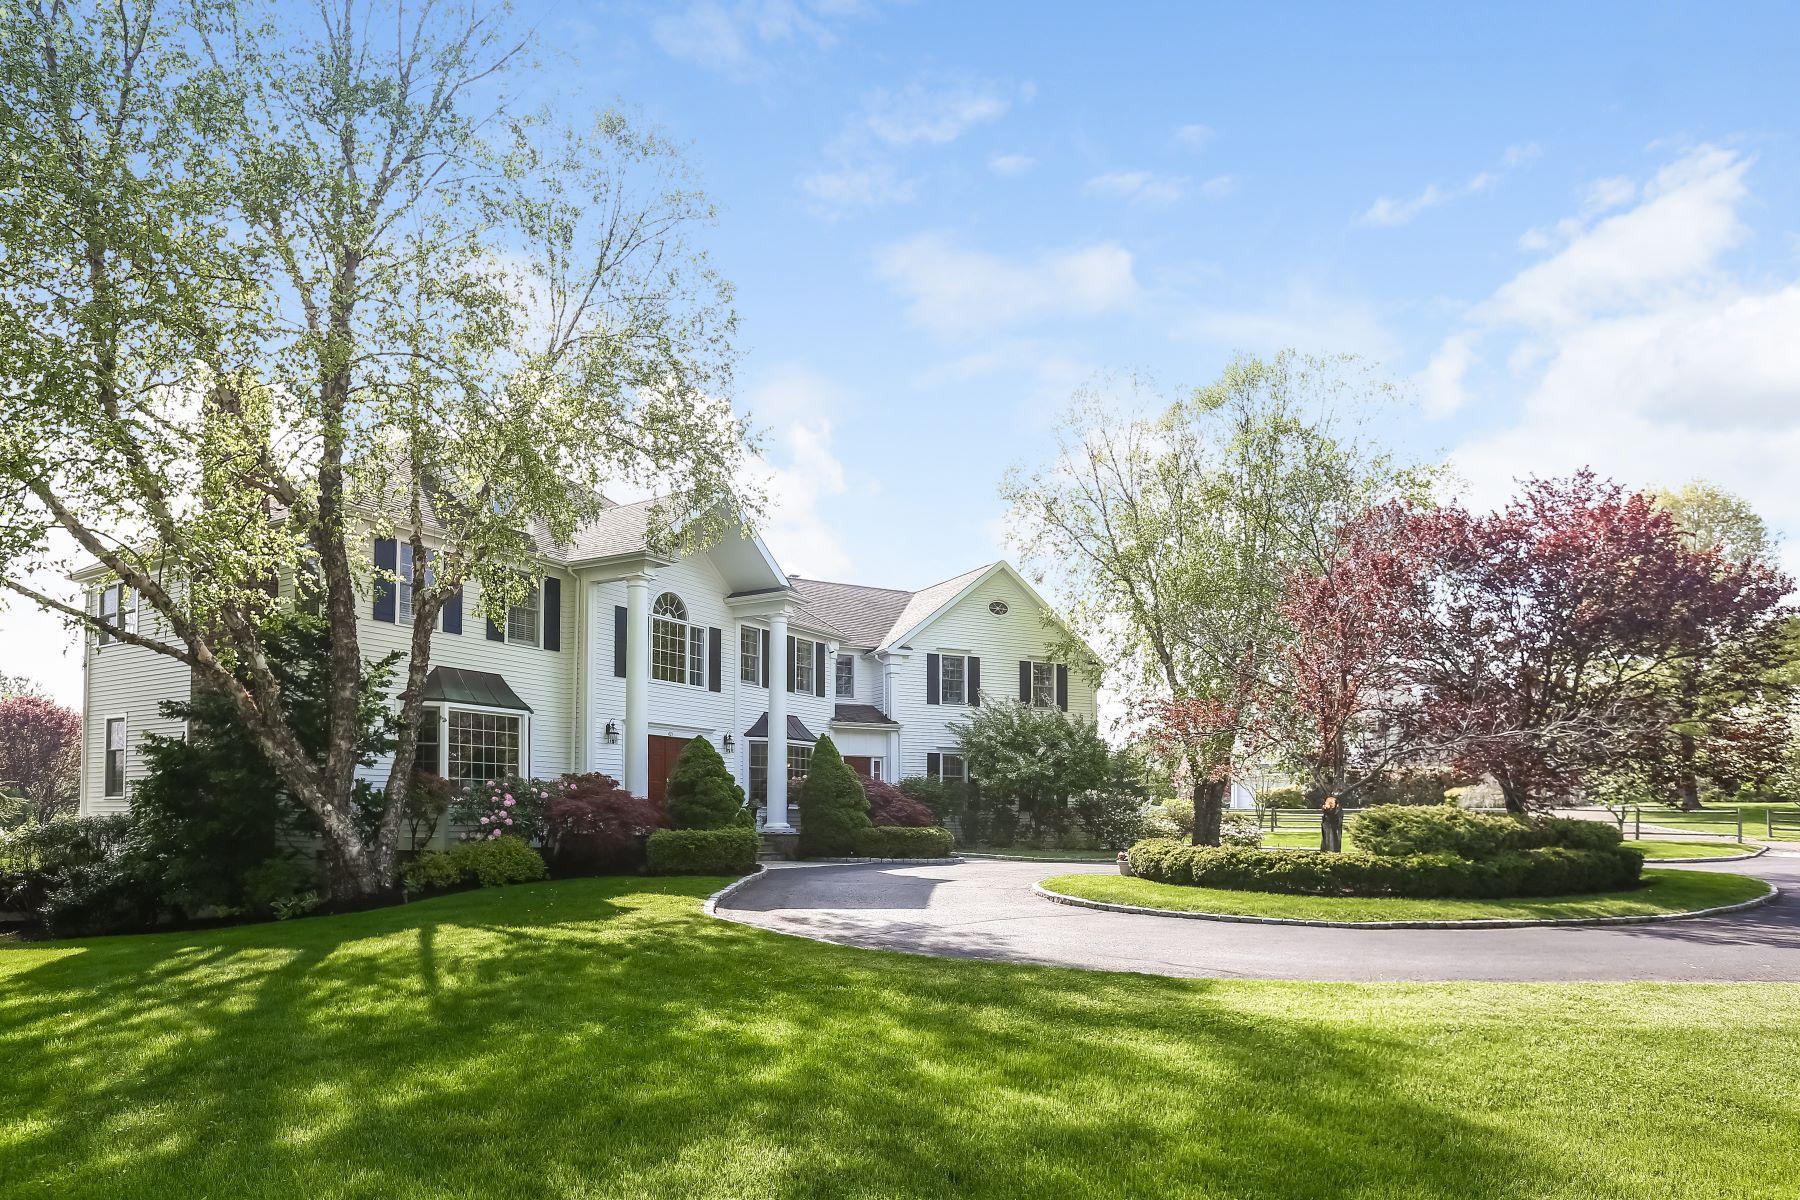 Casa Unifamiliar por un Venta en 421 Belden Hill Road 421 Belden Hill Road Wilton, Connecticut 06897 Estados Unidos